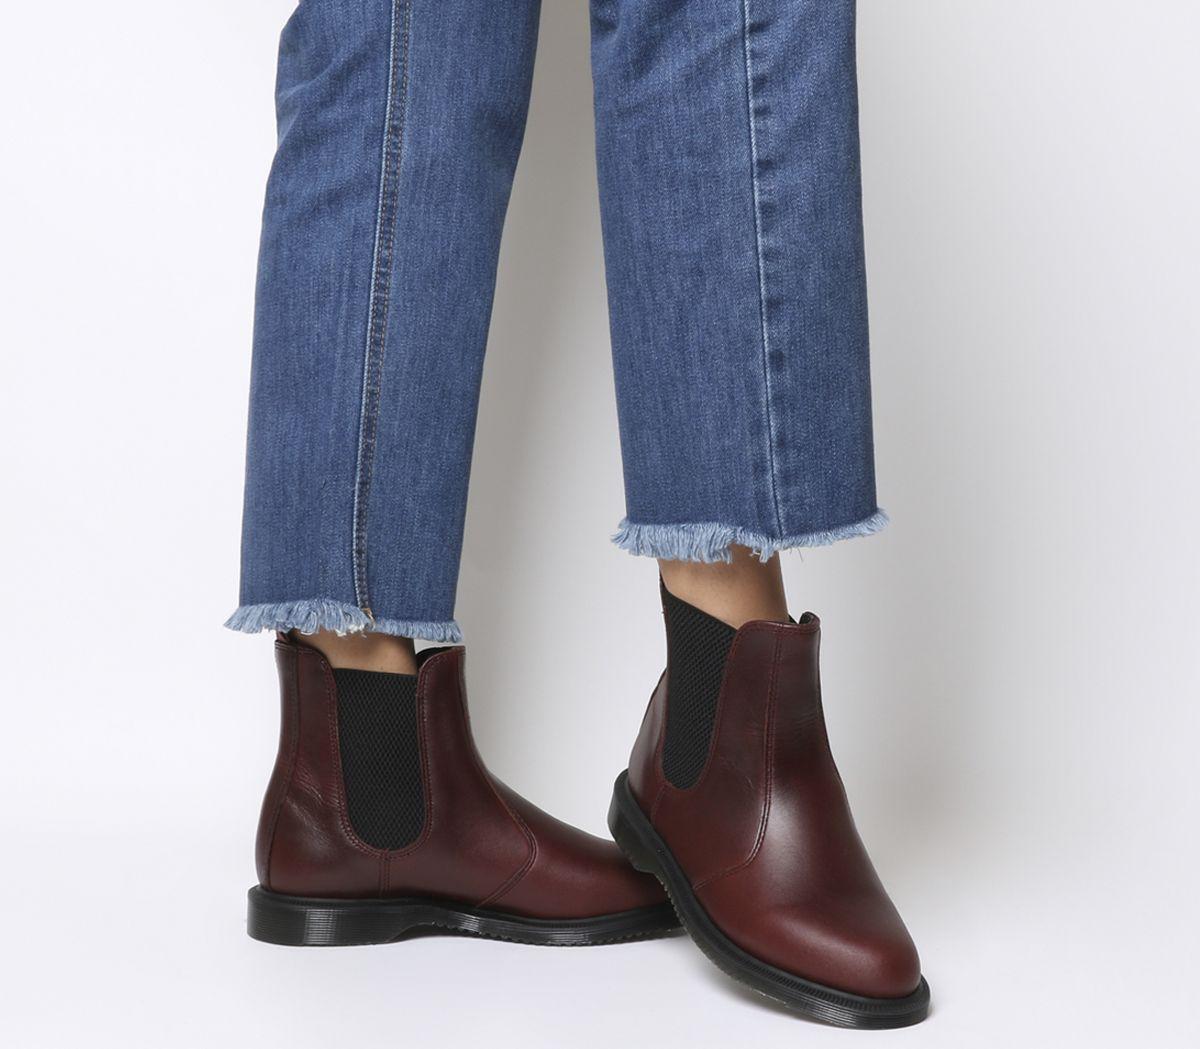 c1ae0ce488568 Dr. Martens Kensington Flora Boots Charro Brando - Ankle Boots